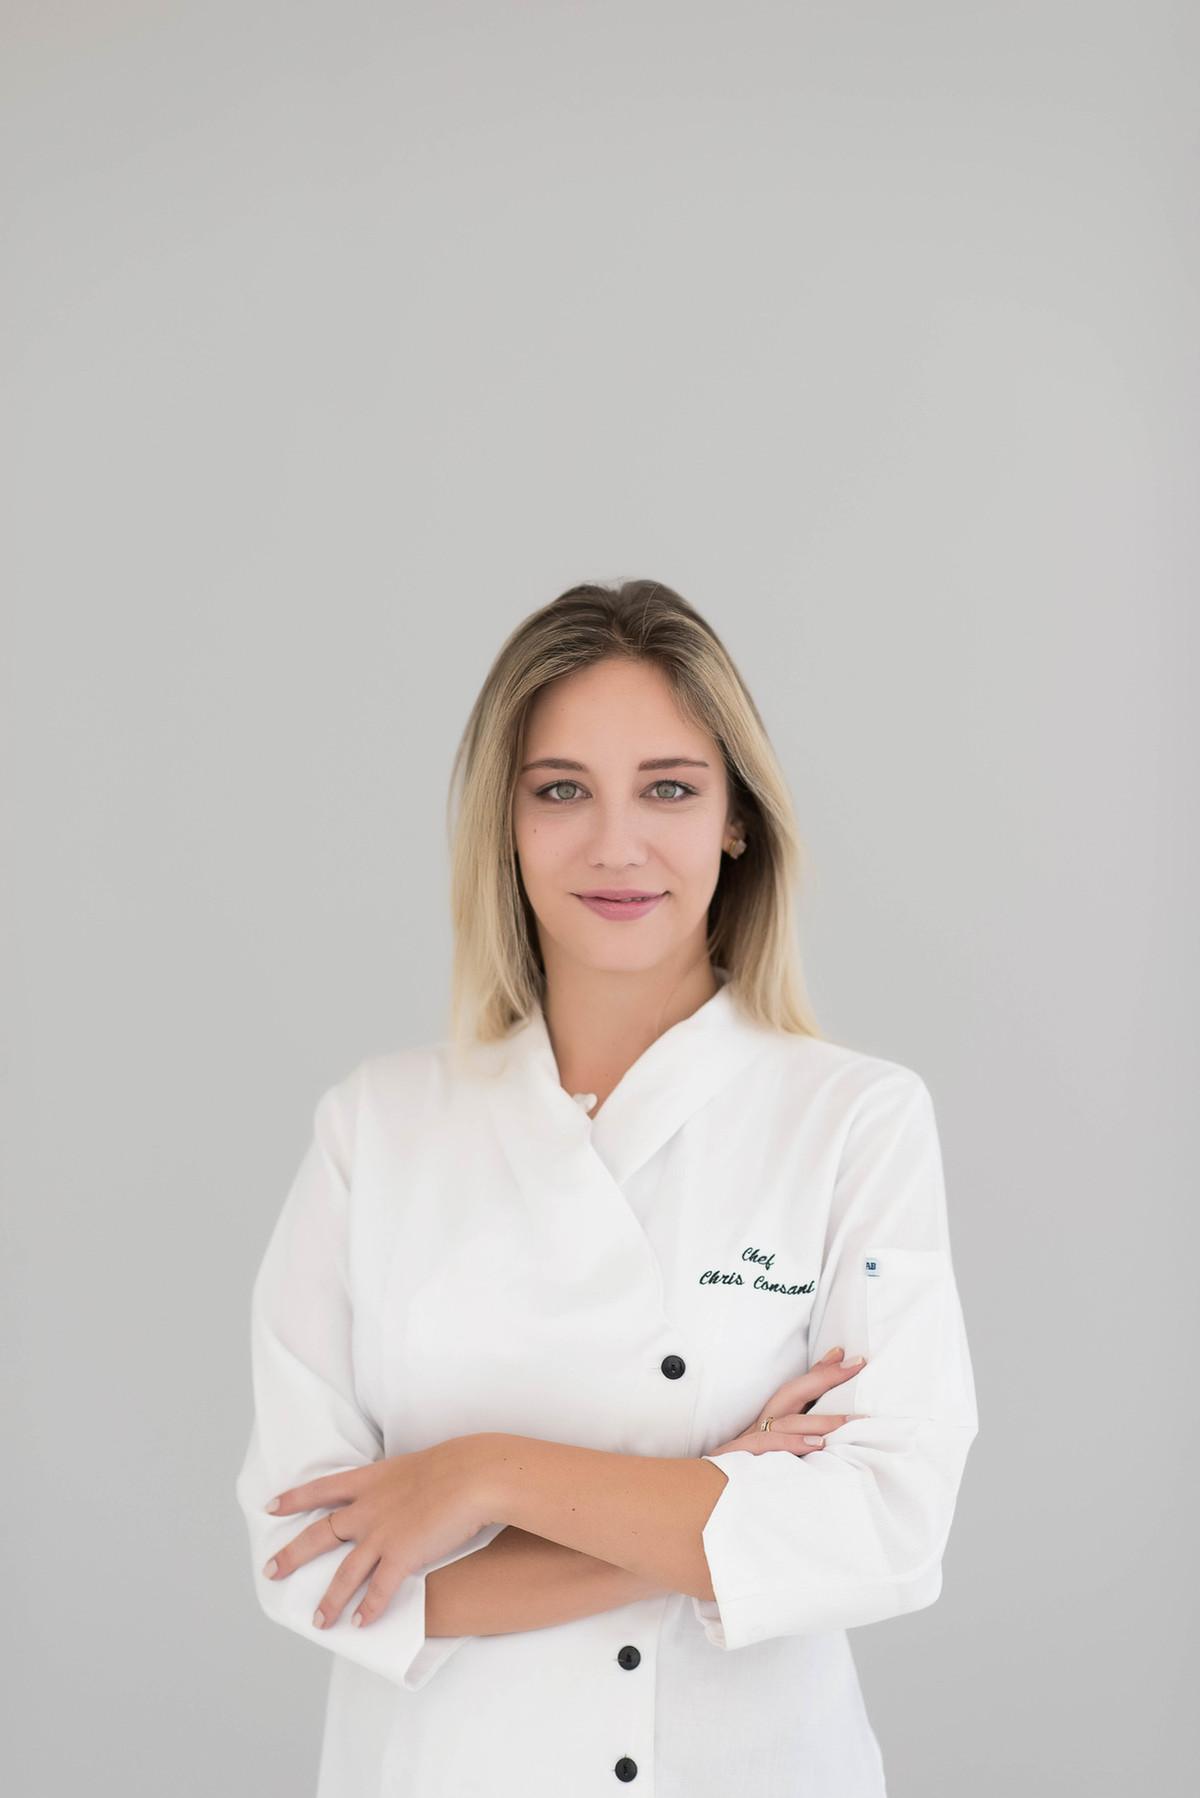 Ensaio fotográfico - perfil profissional - estúdio - chef cozinha